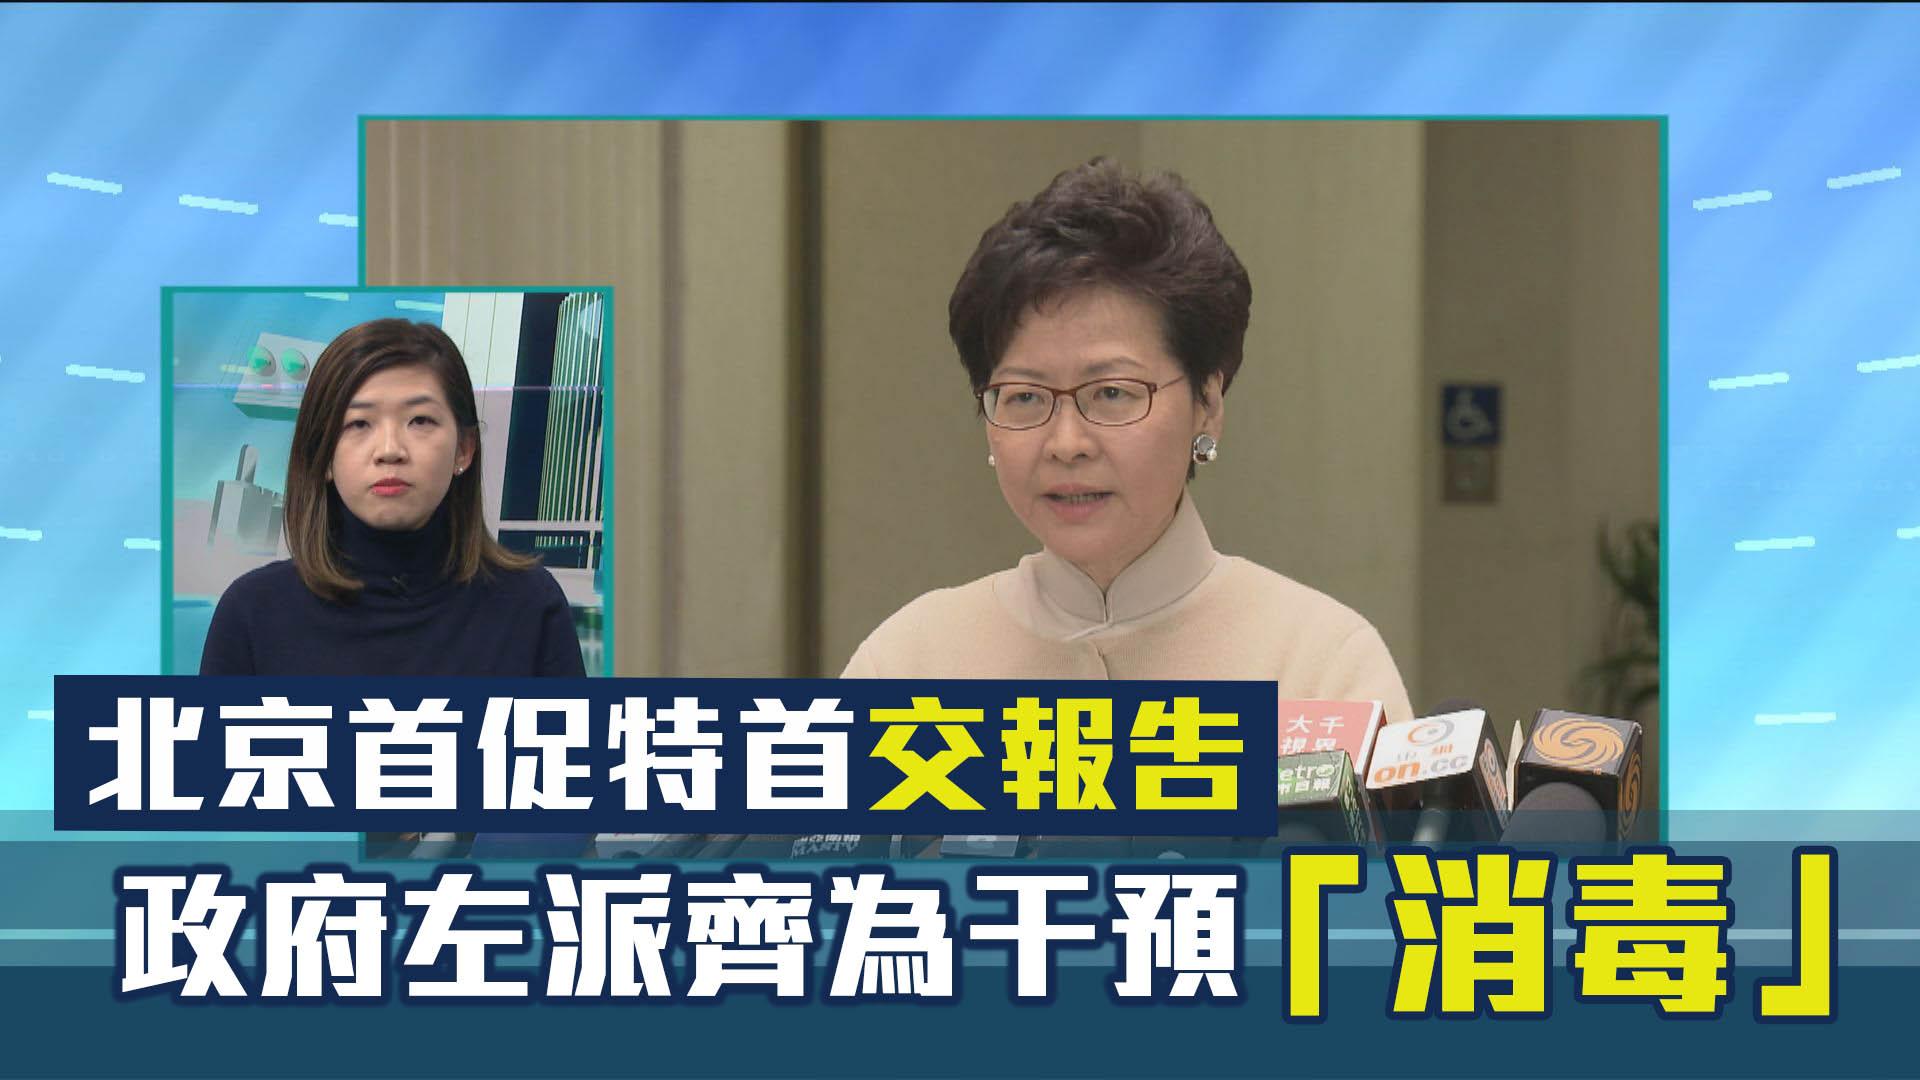 【政情】北京首促特首交報告 政府左派齊為干預「消毒」